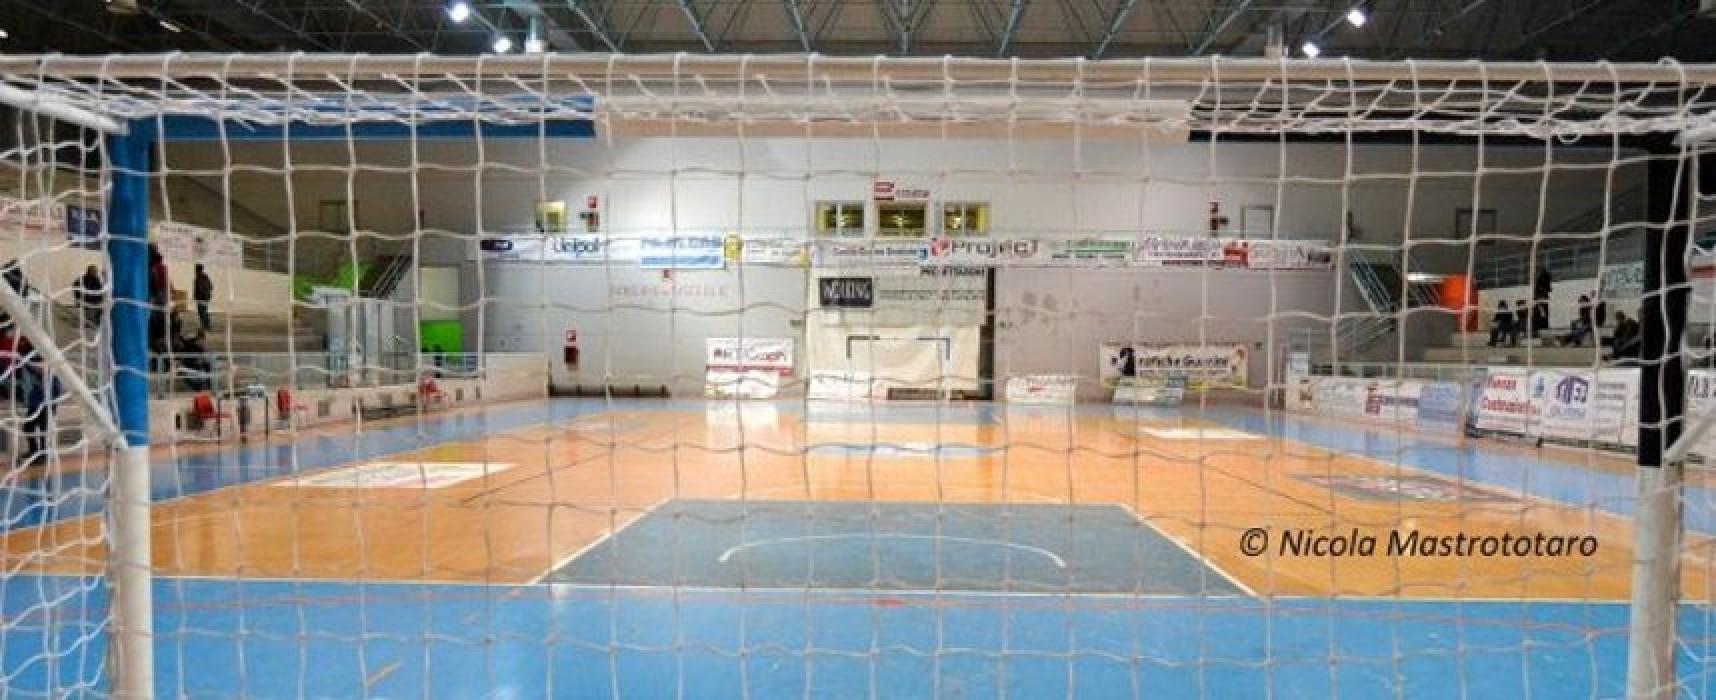 Calcio a 5, coppa Italia di C: al primo turno Diaz-Nettuno e Santos-Futsal Andria